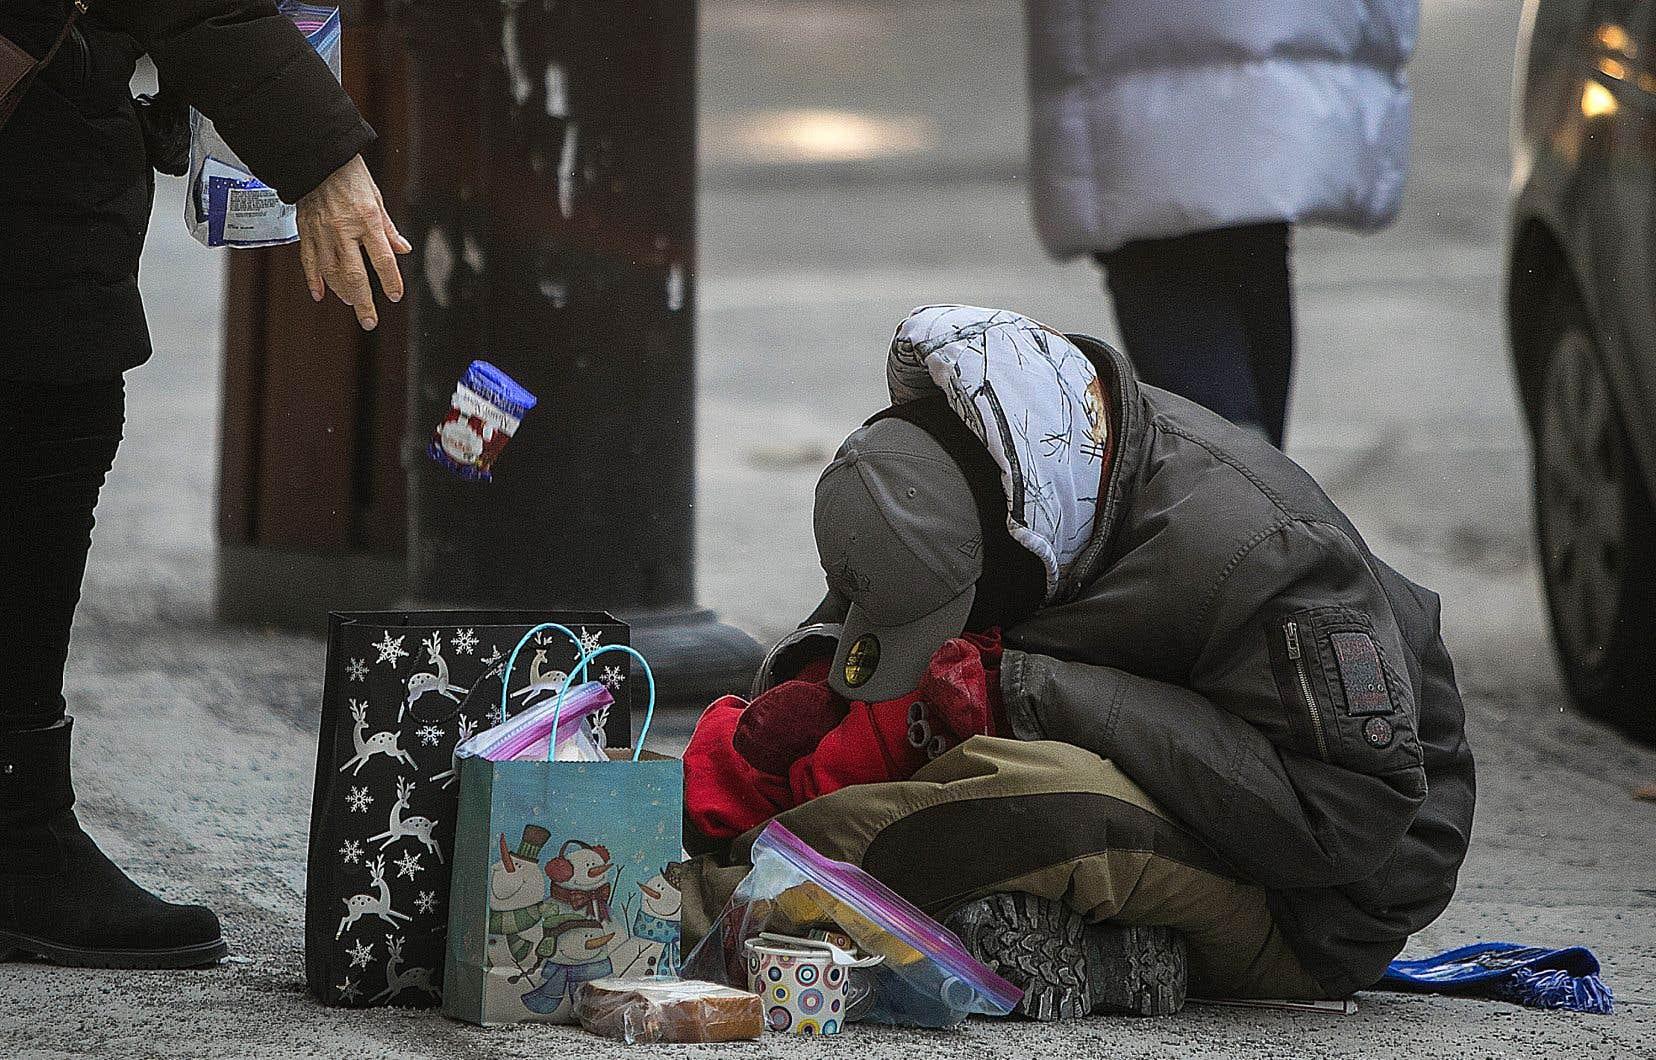 Certains gestes de bonne volonté, comme réveiller un itinérant pour lui offrir à manger, pourraient être mal perçus par les personnes concernées.